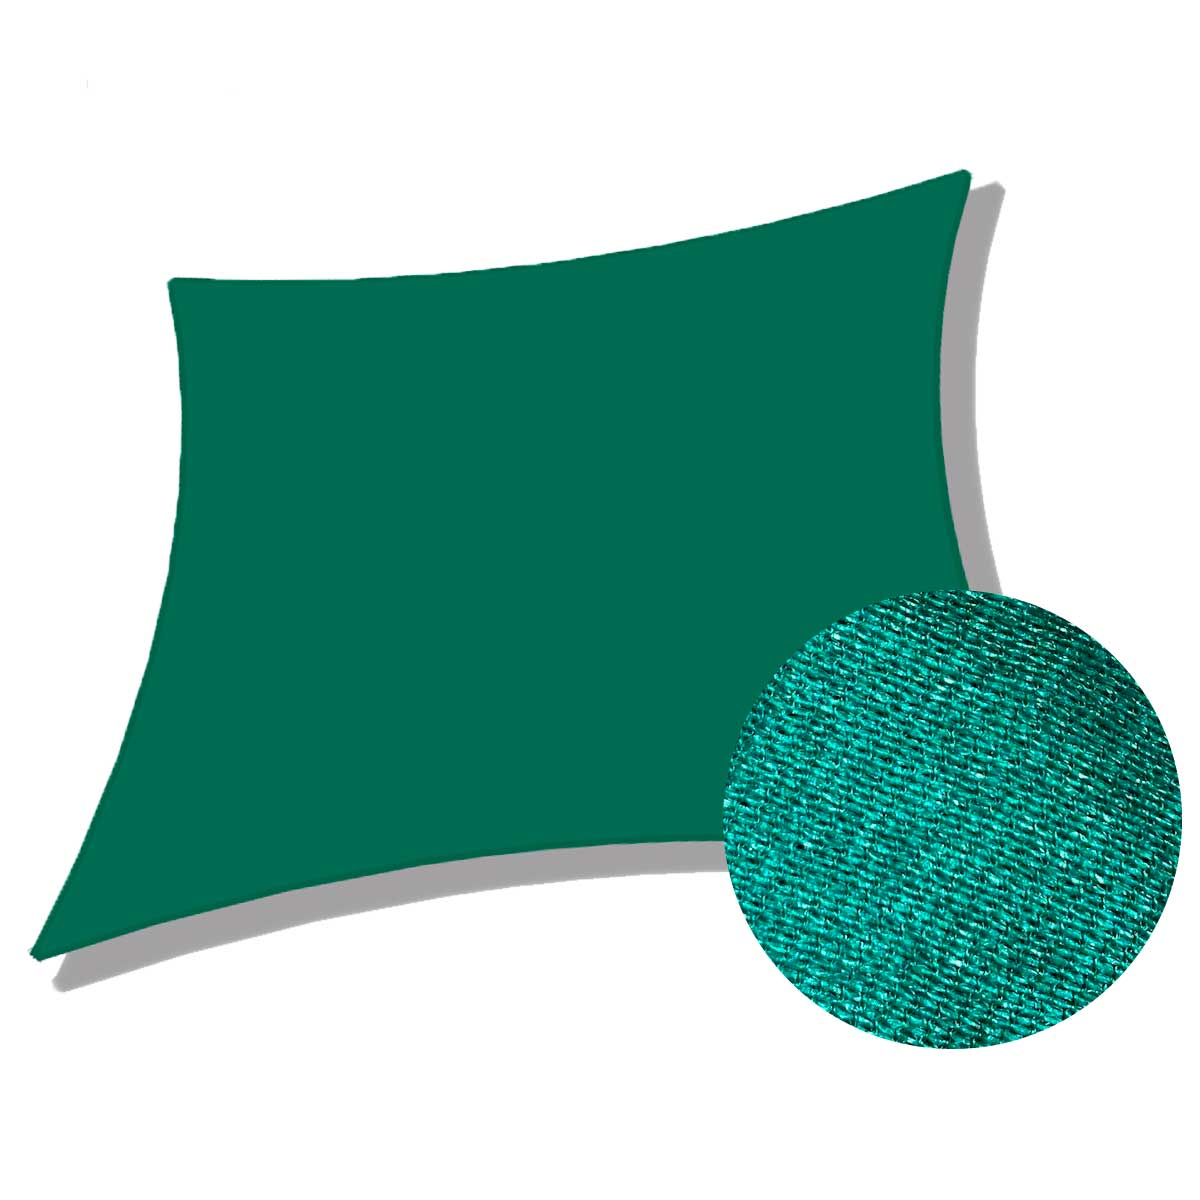 Tela Decorativa Sombrite Verde Sem Acabamento 4x8m